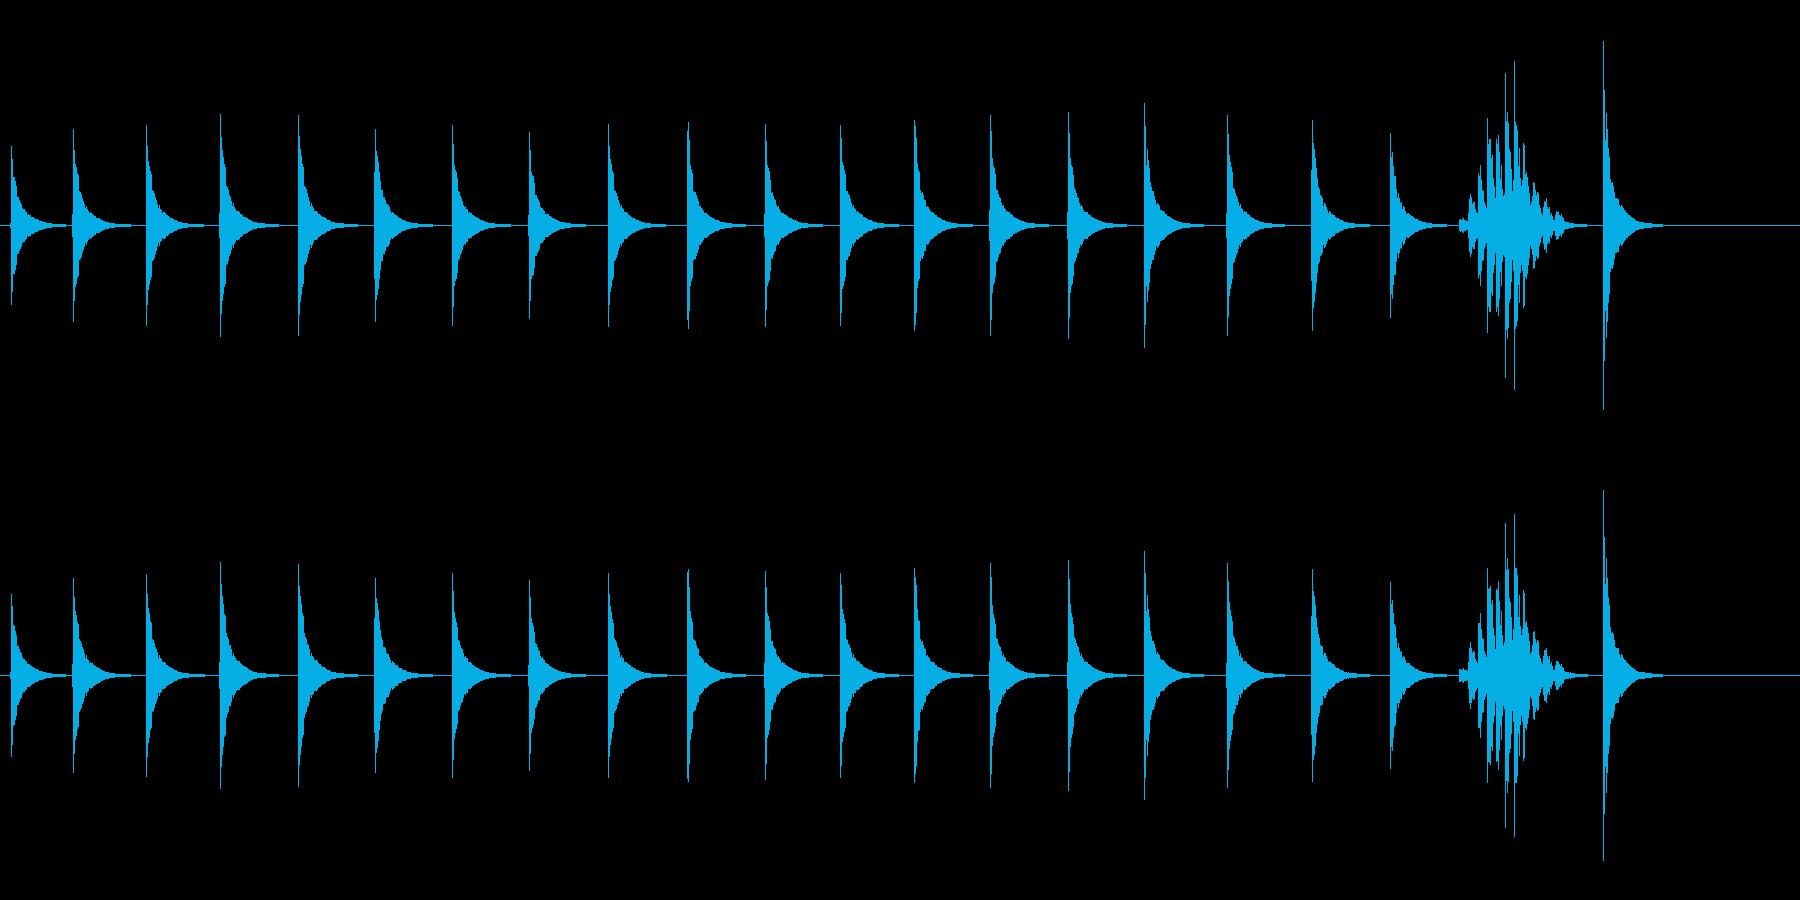 大太鼓4雪音雪音歌舞伎情景描写和風和太鼓の再生済みの波形